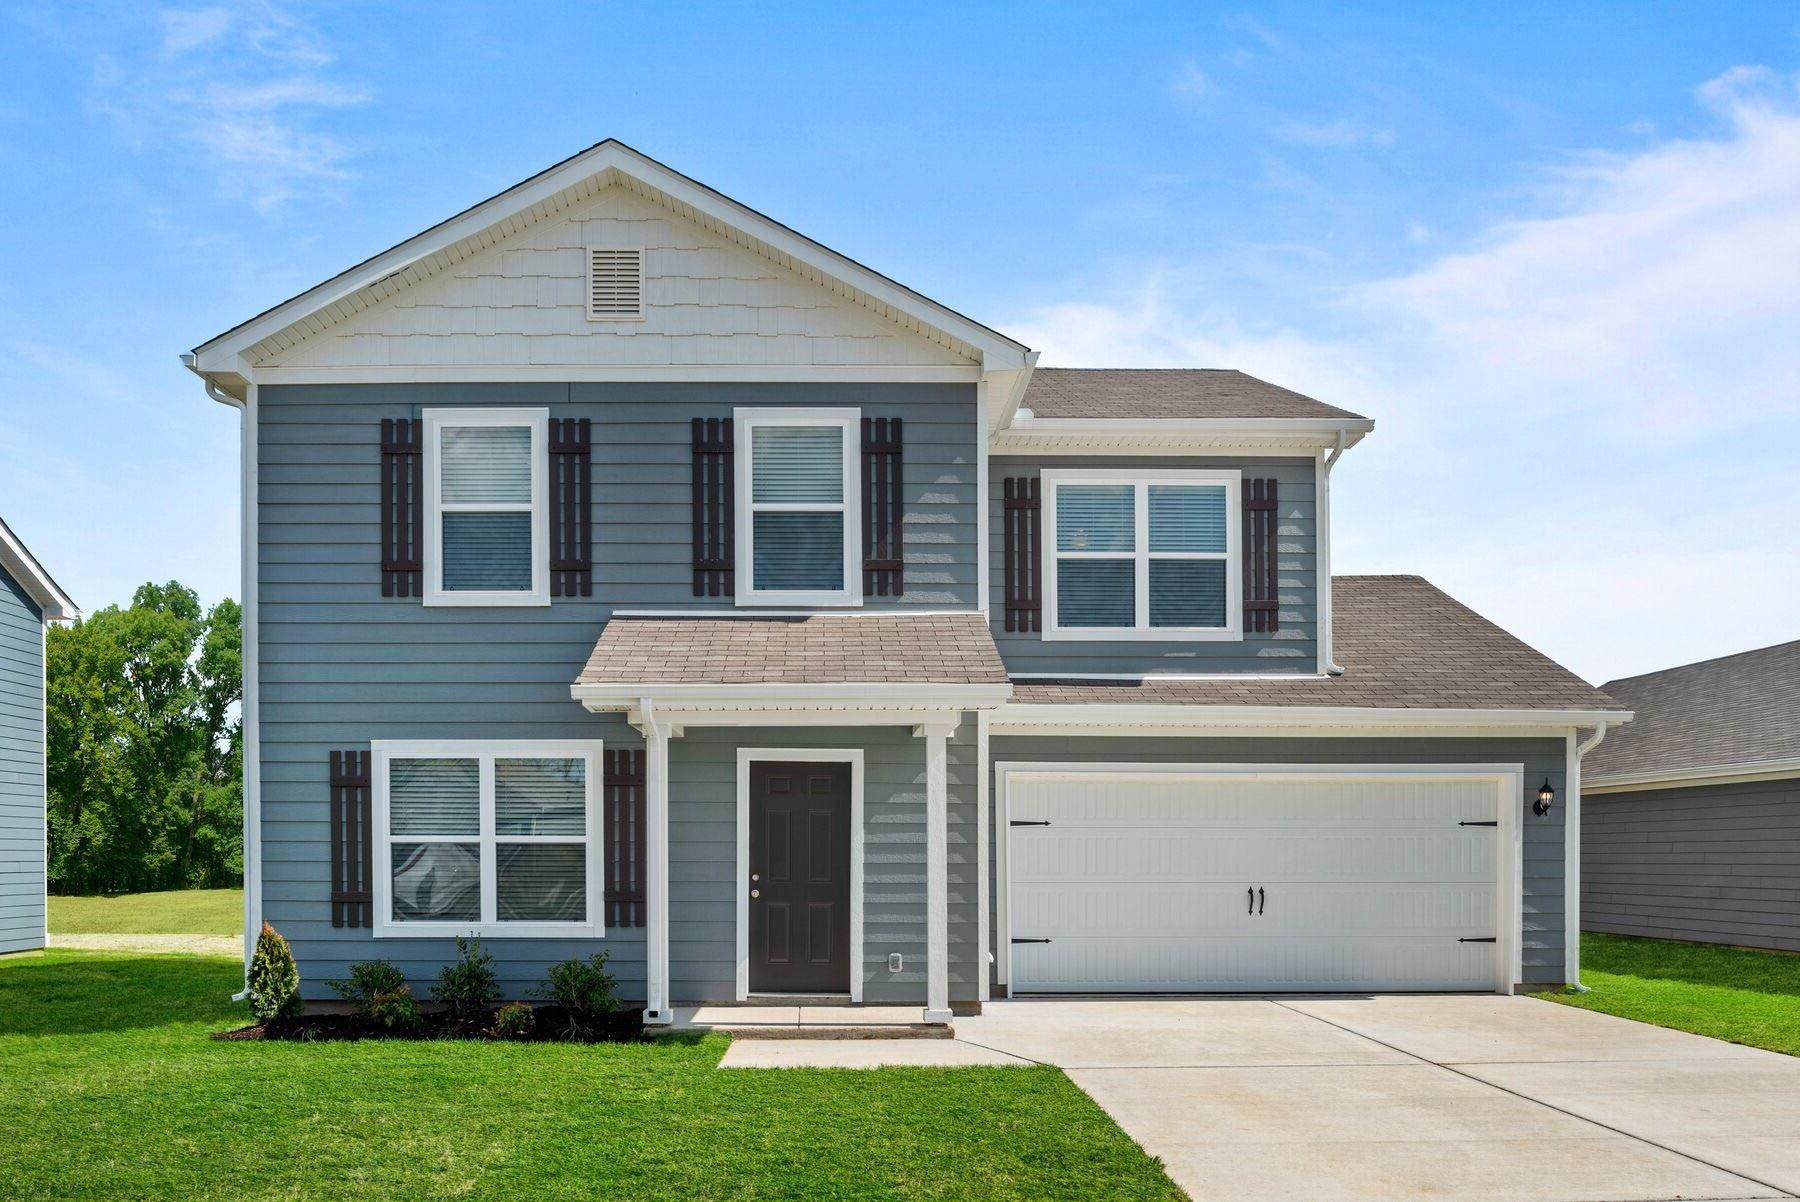 3742 Spahn Ln, Murfreesboro, TN 37128 - MLS#: 2161371